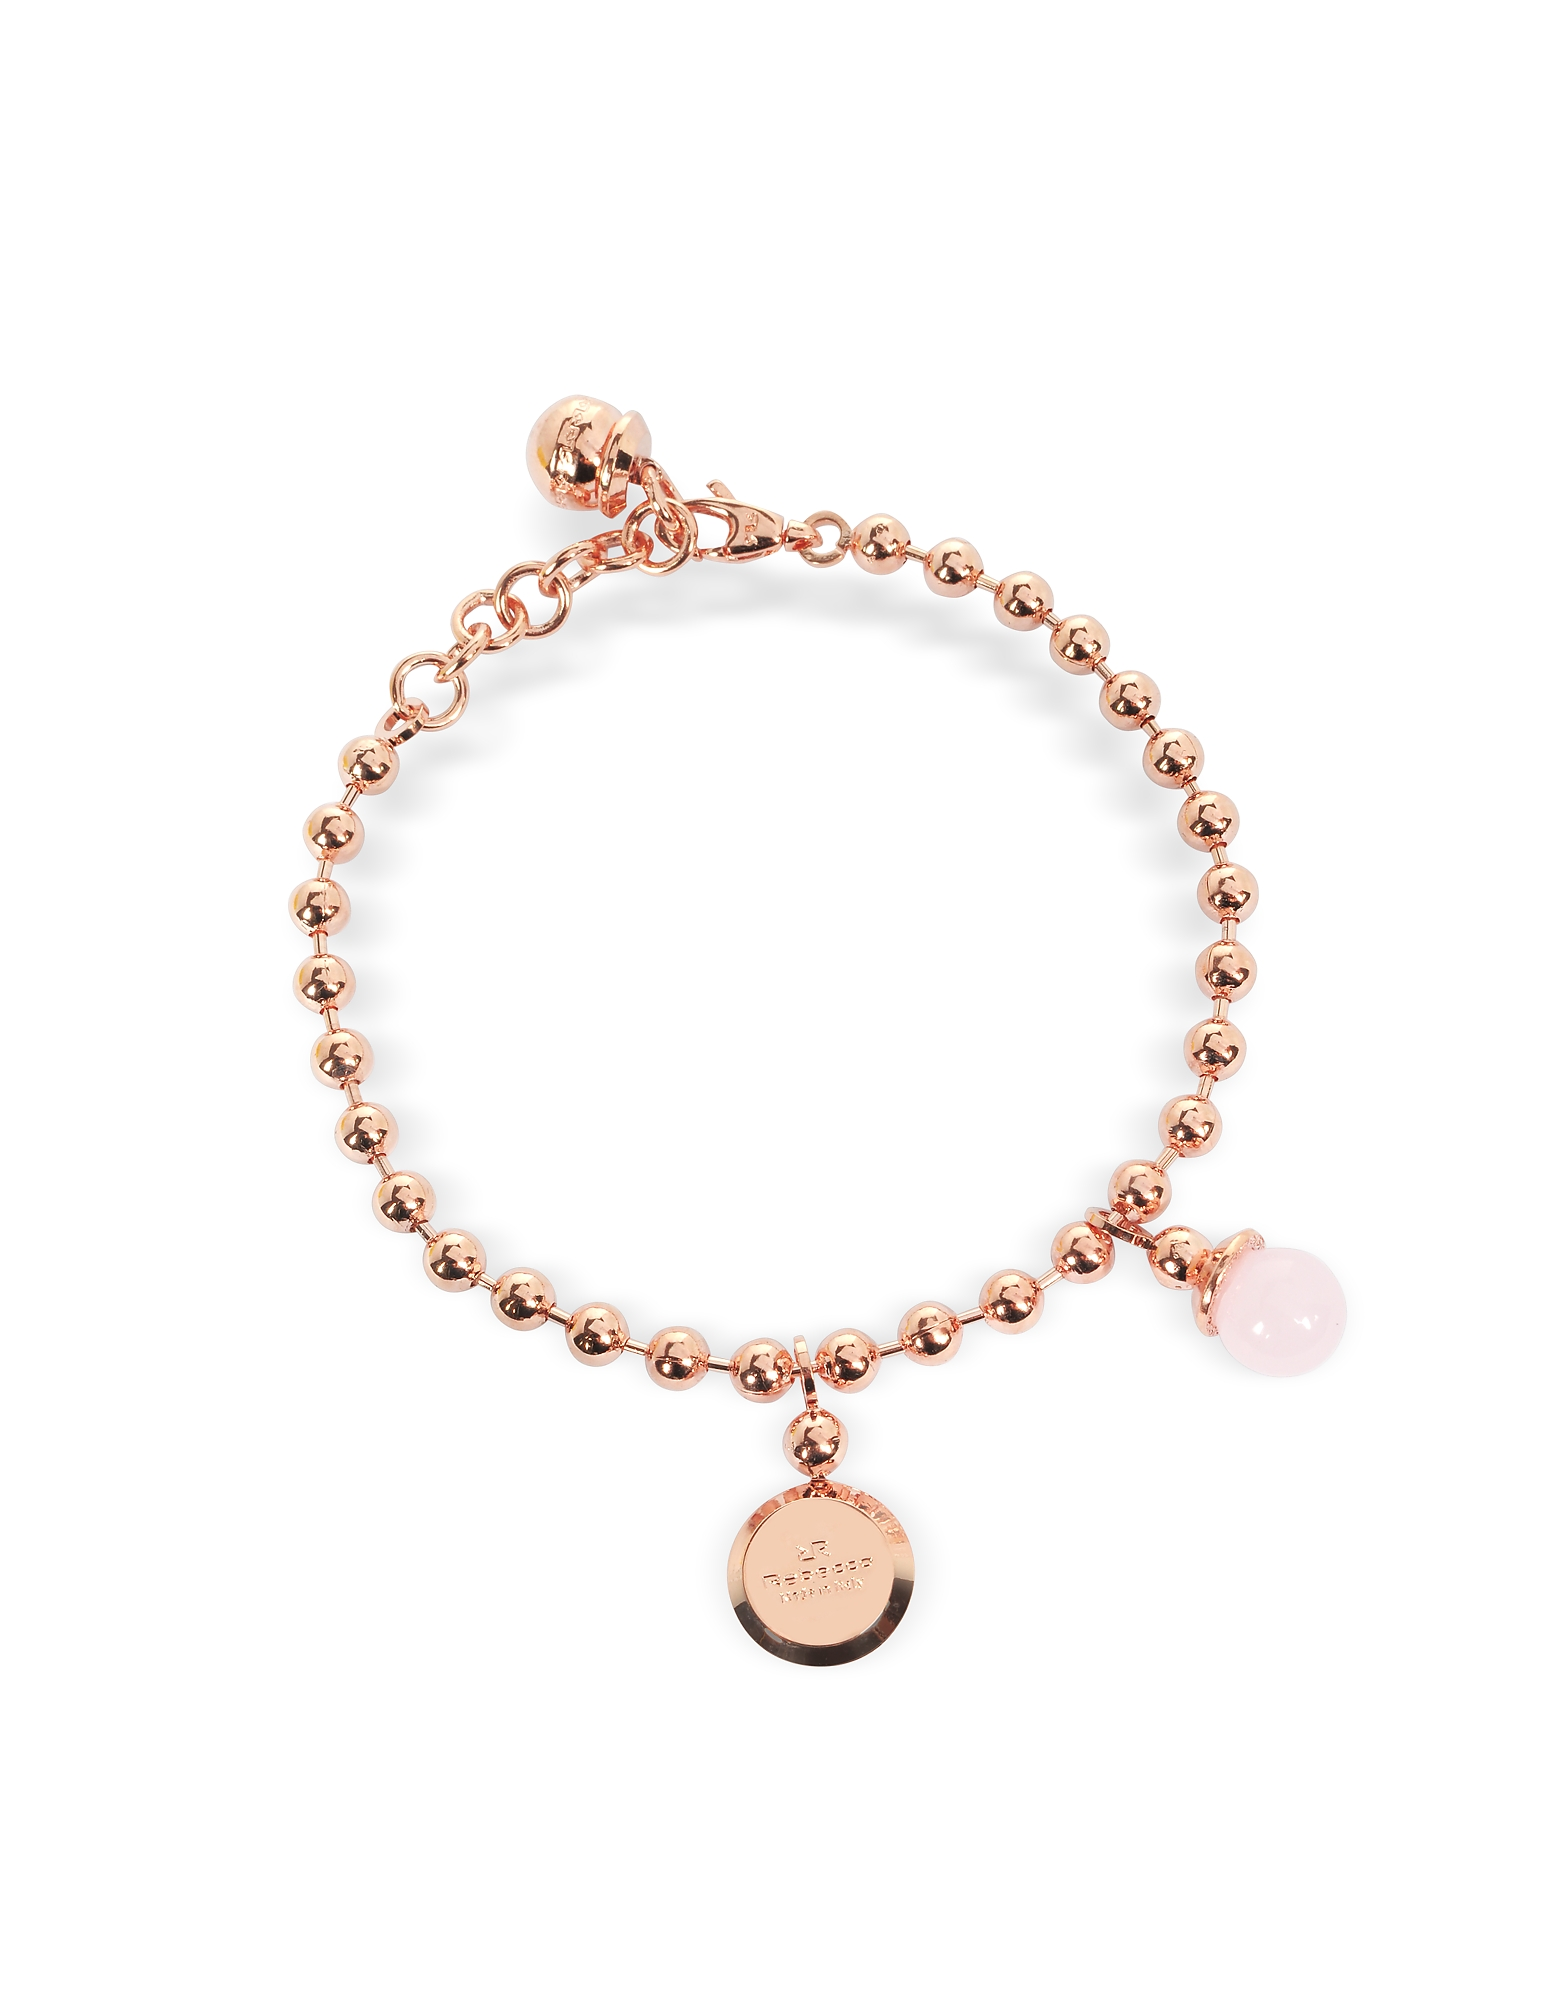 Rebecca Bracelets, Boulevard Stone Rose Gold Over Bronze Bracelet w/Hydrothermal Pink Stone